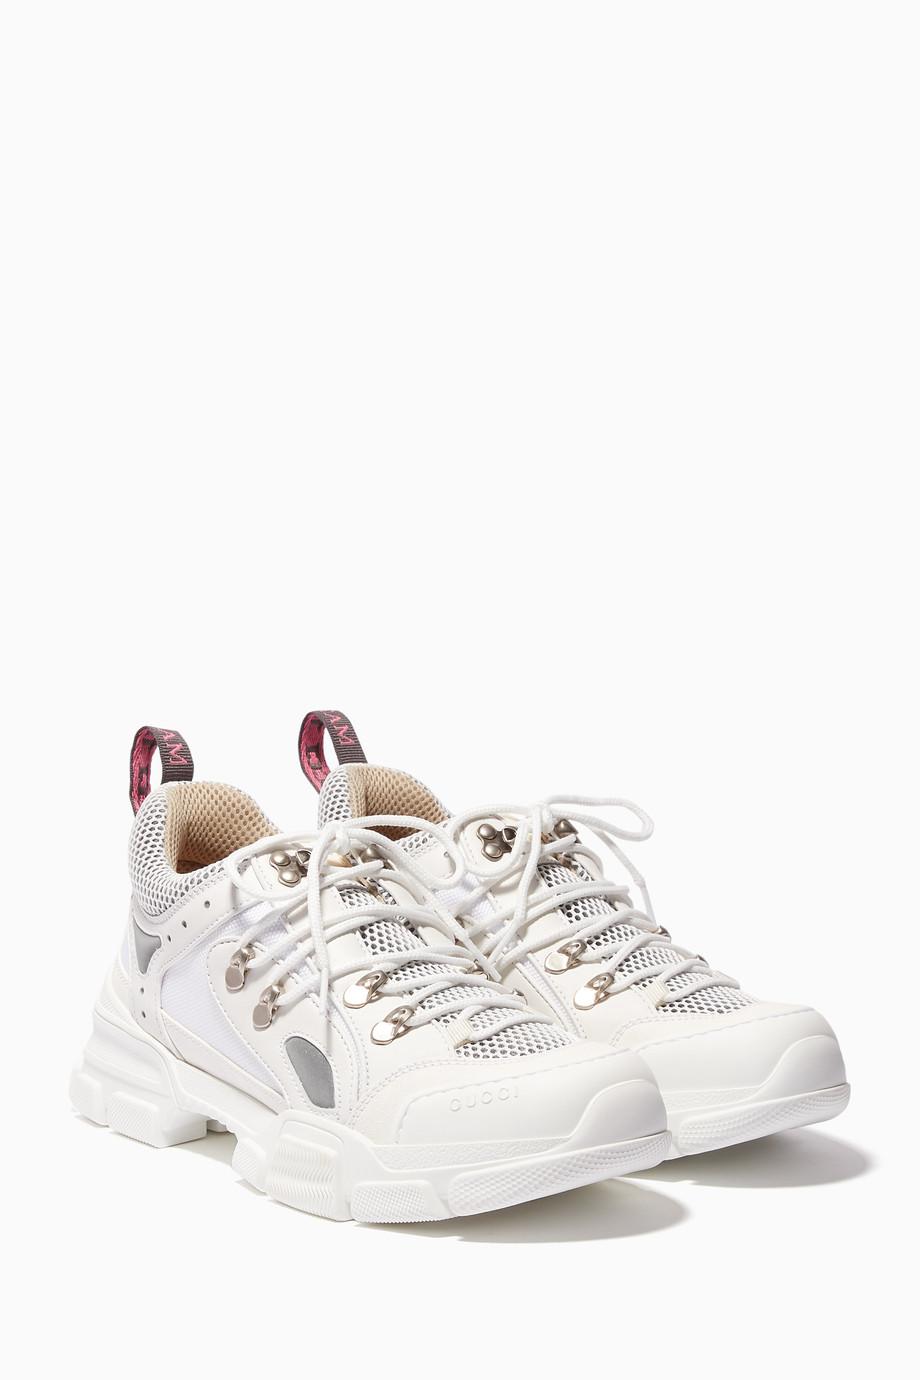 8da6b642efd Shop Gucci White White Flashtrek Sneakers for Women